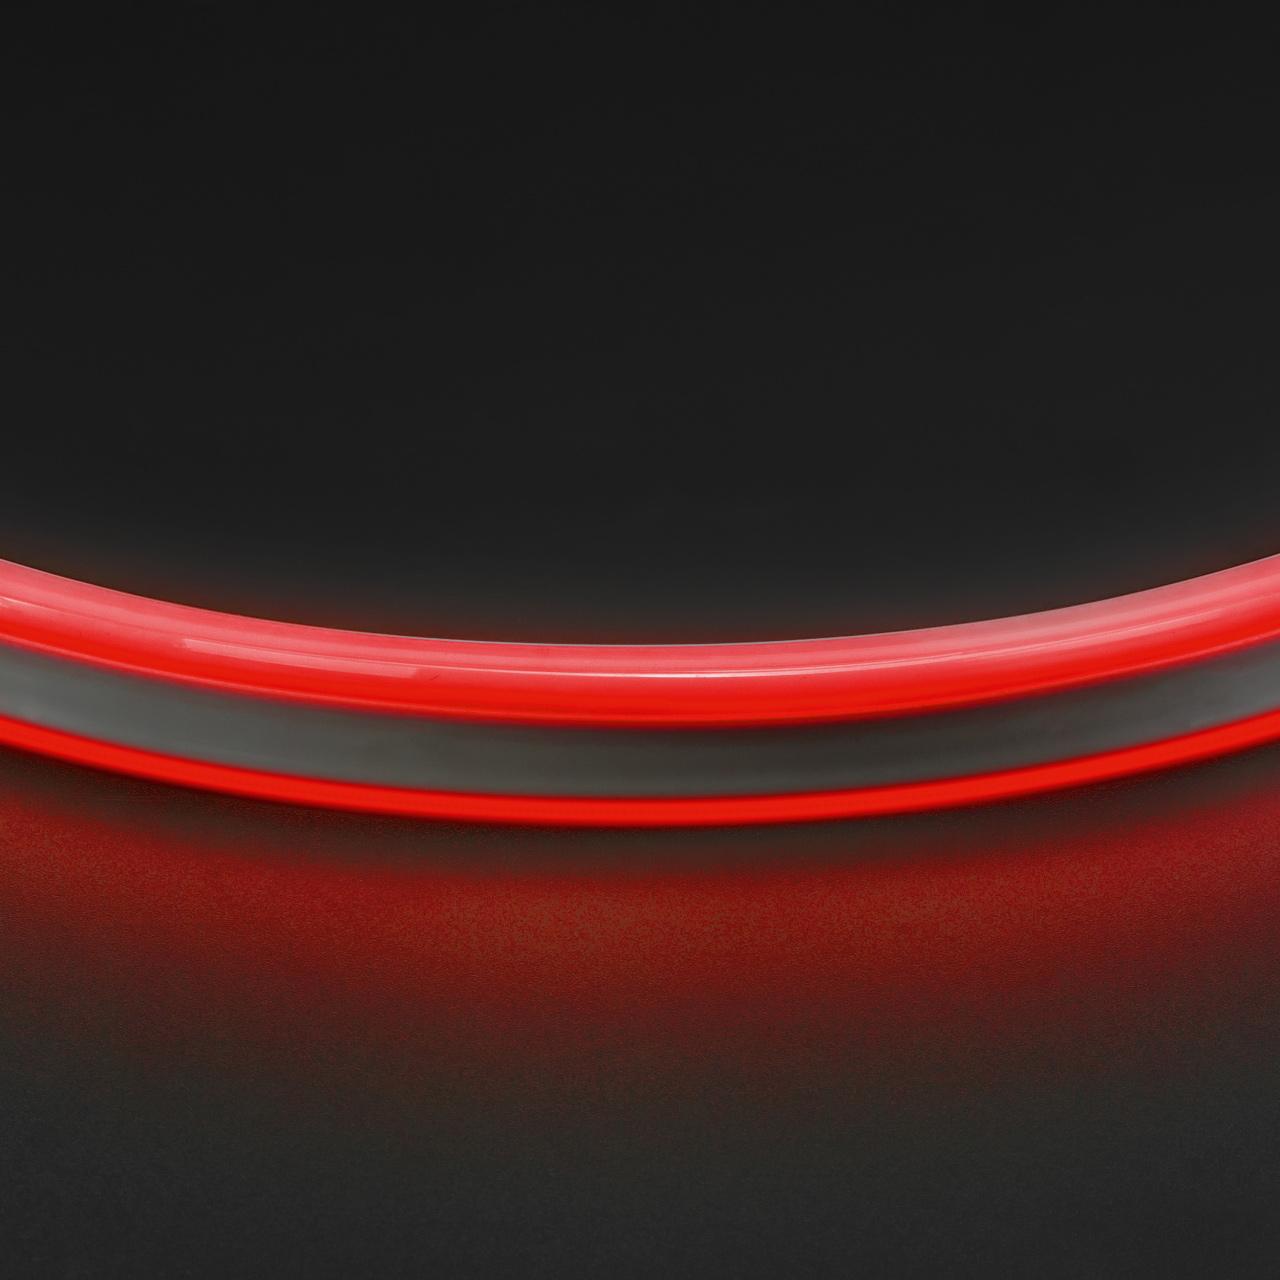 Лента гибкая неоновая NEOLED 220V 120 LED красный цвет IP65 Lightstar 430101